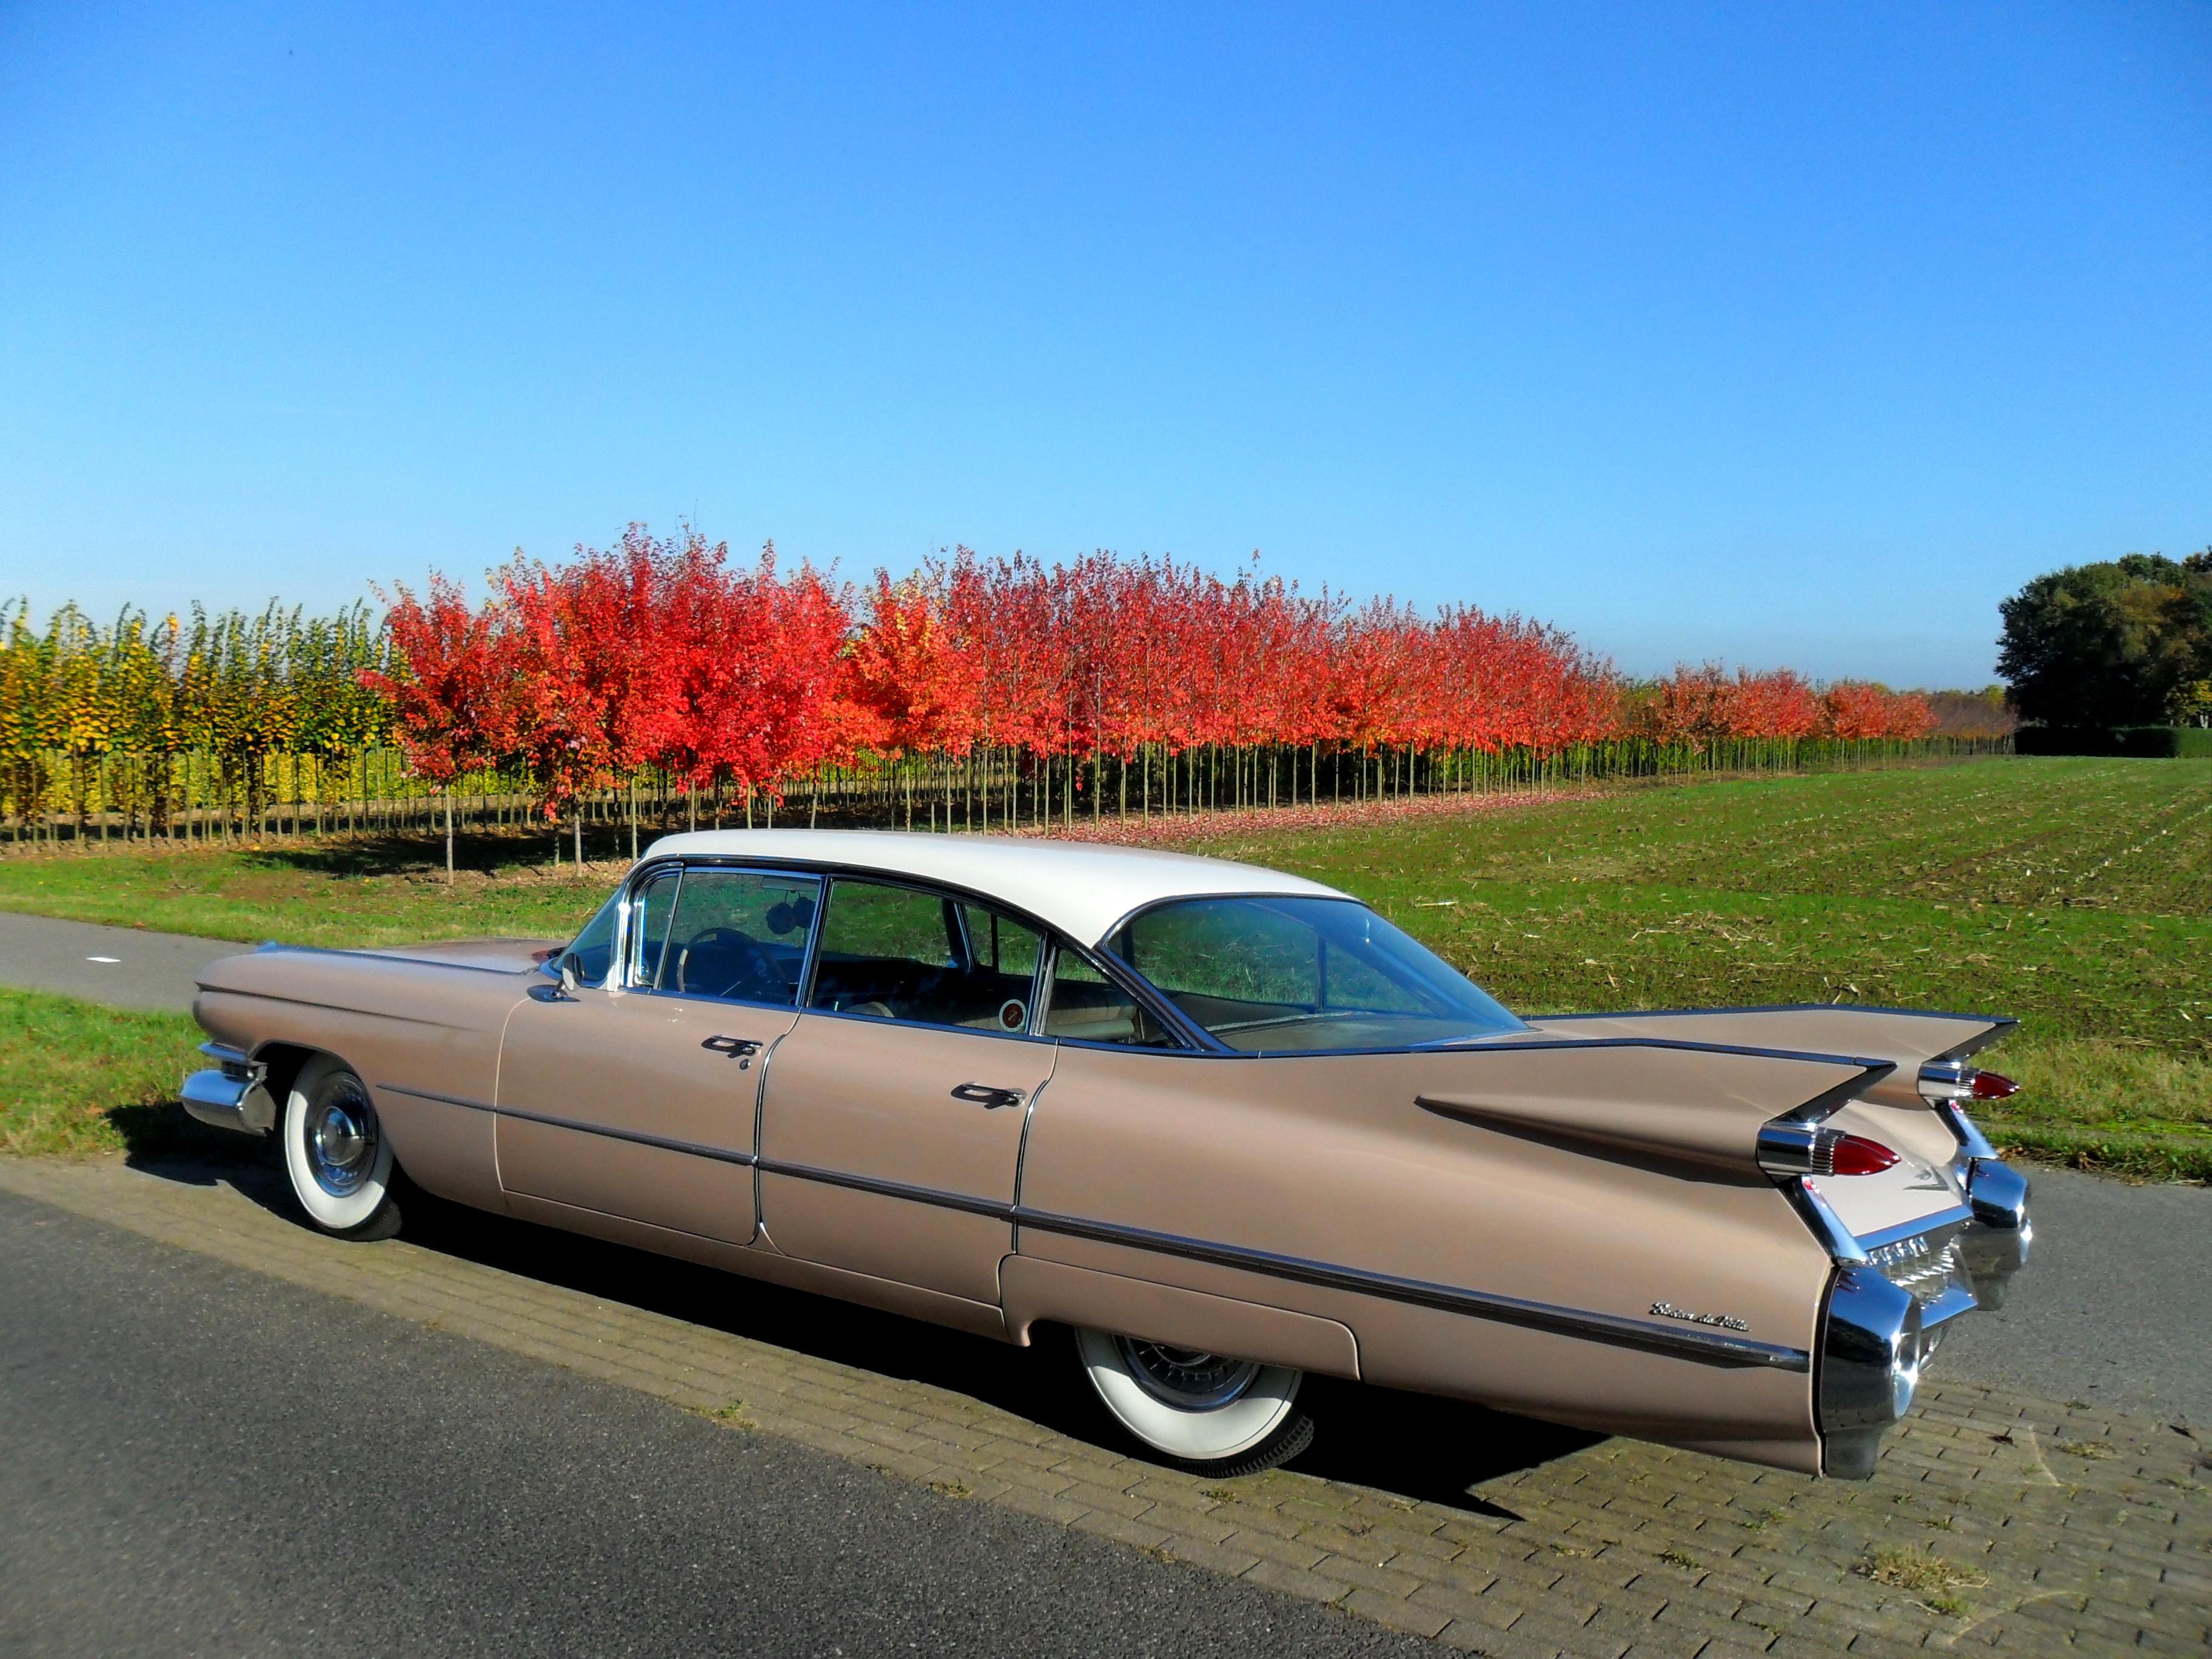 1959 Sedan de Vill Jos Heemels